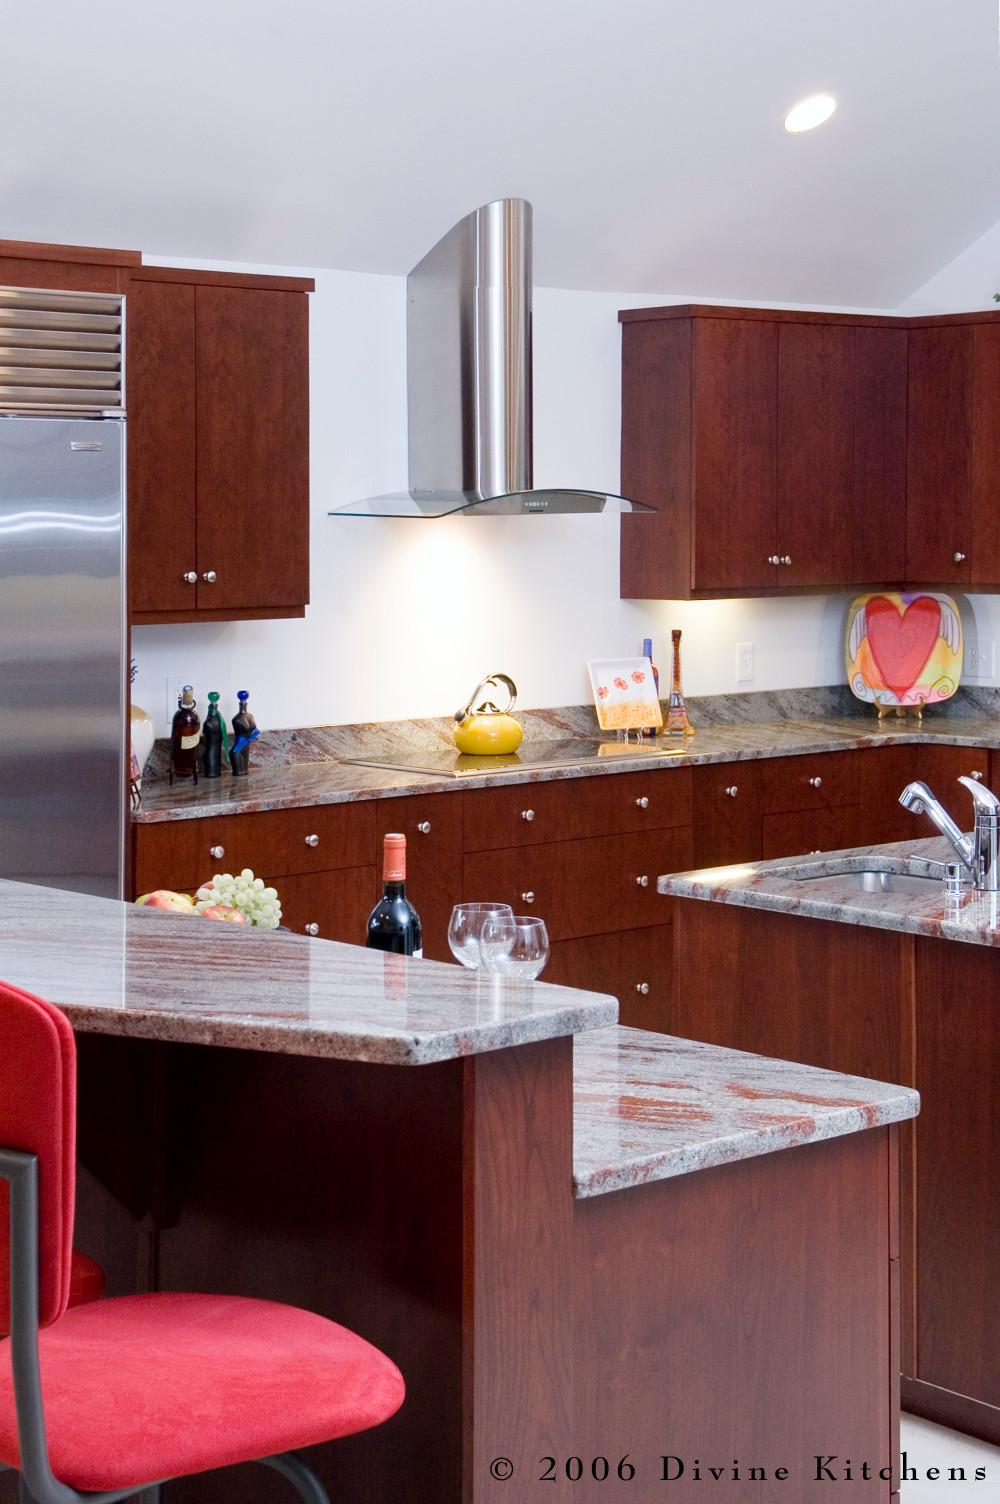 Boston Metrowest Modern Contemporary Cherry Kitchen Divine Design Build